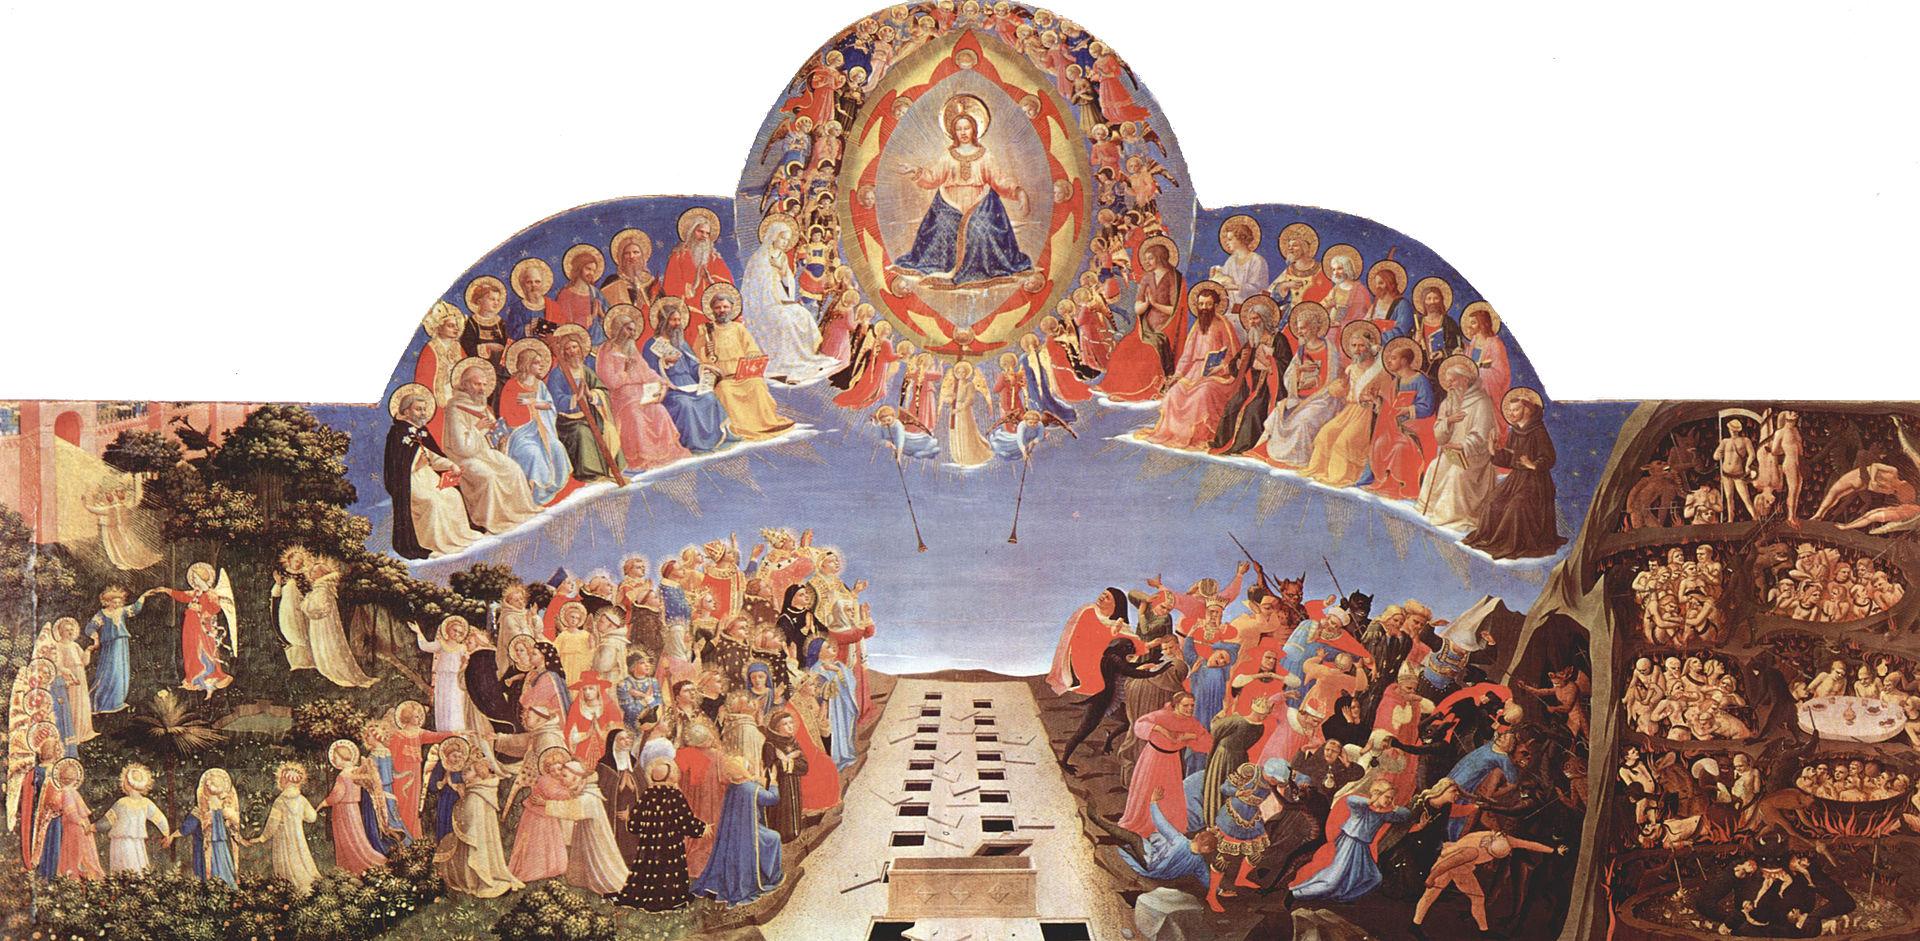 https://upload.wikimedia.org/wikipedia/commons/thumb/3/3b/Fra_Angelico_009.jpg/1920px-Fra_Angelico_009.jpg